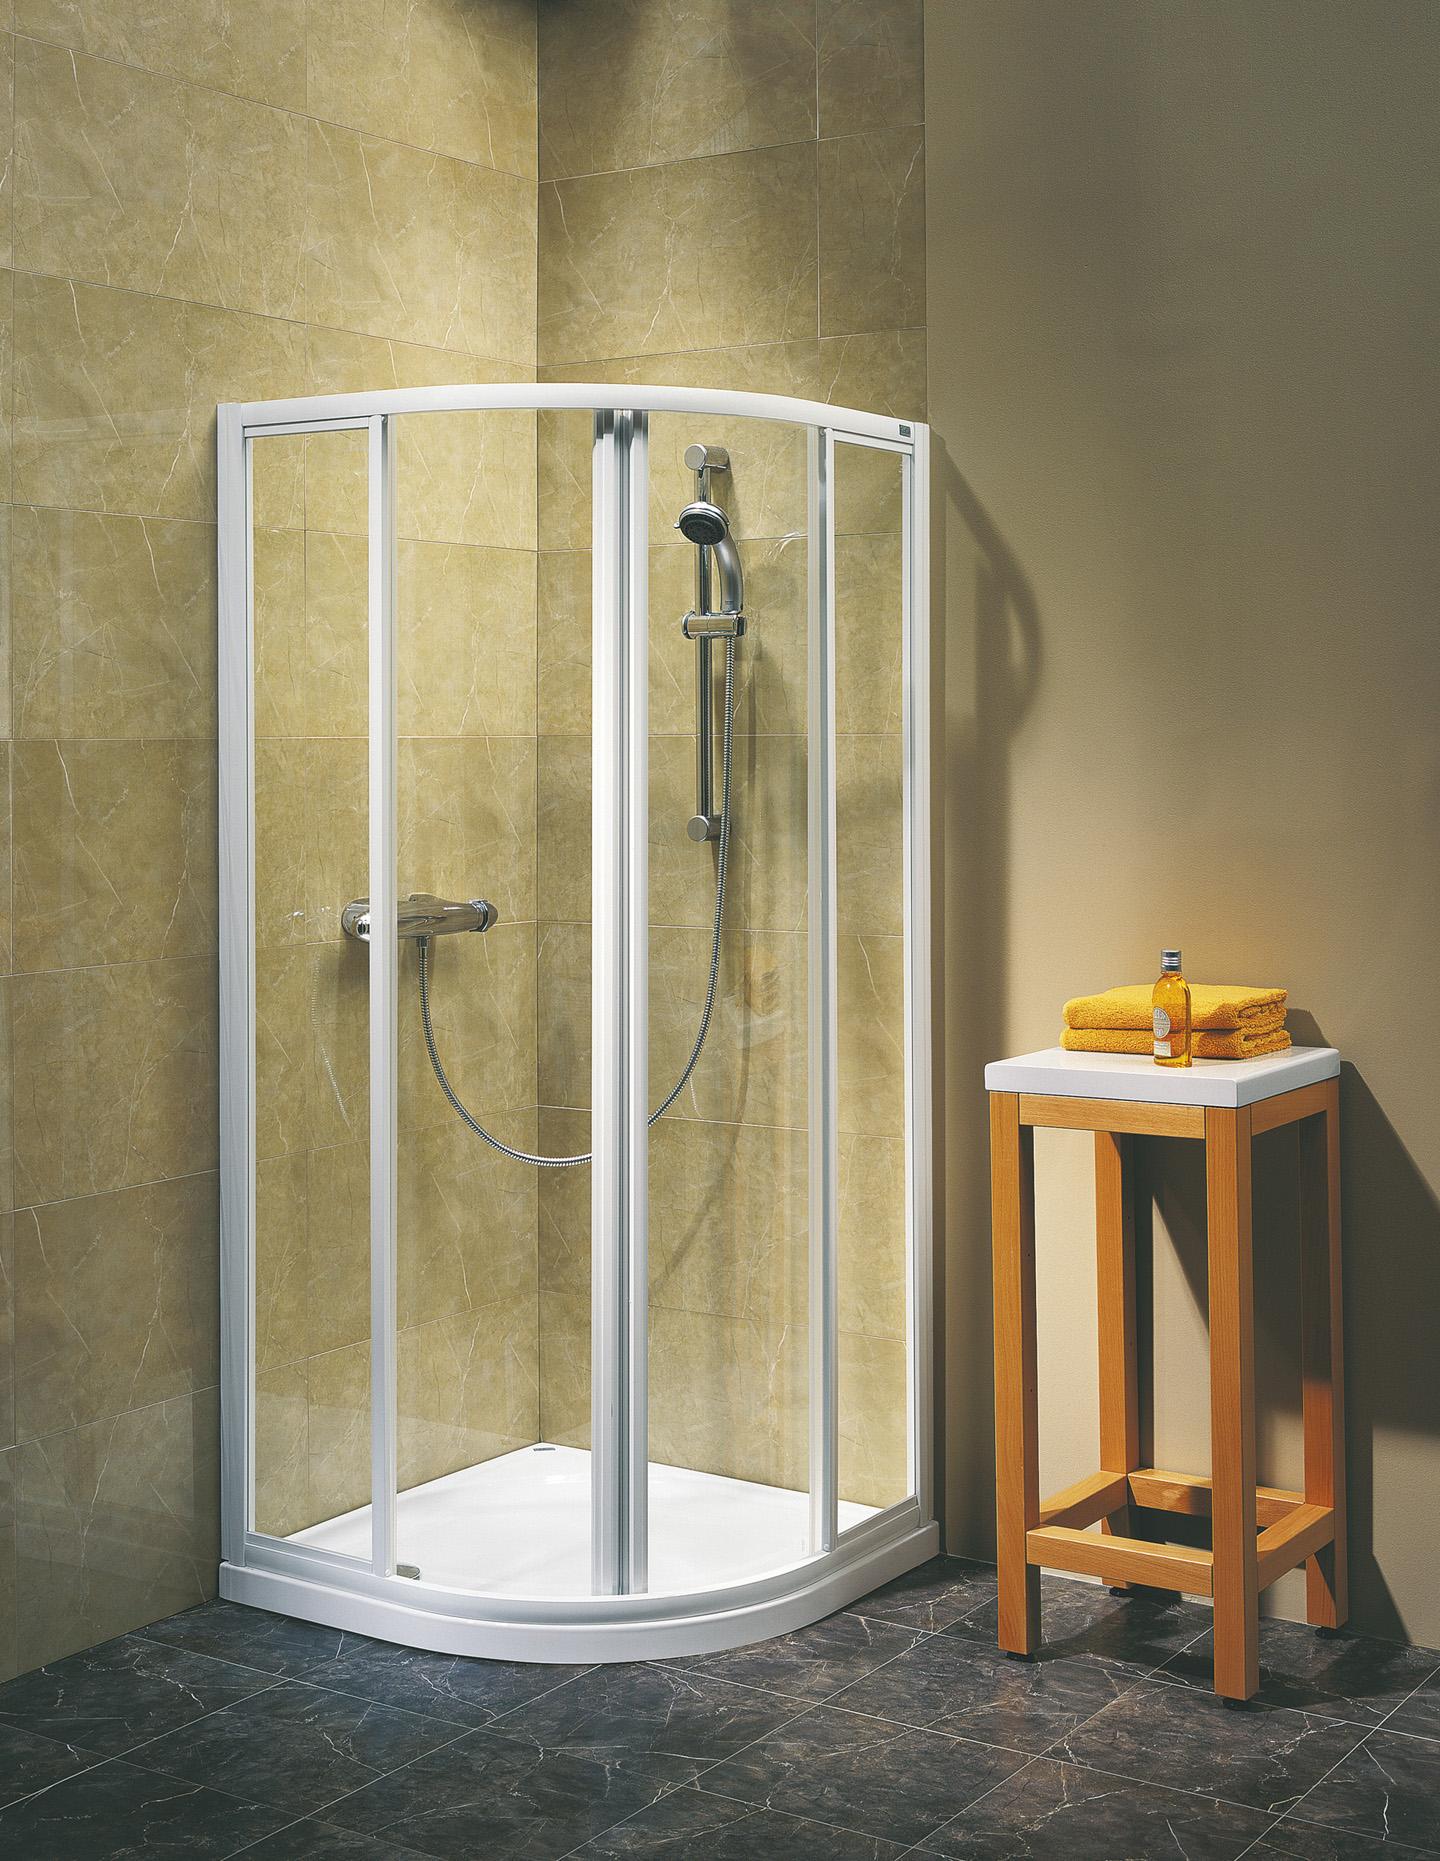 sprchové kouty KOLO ATOL PLUS EKPG90222 90x90